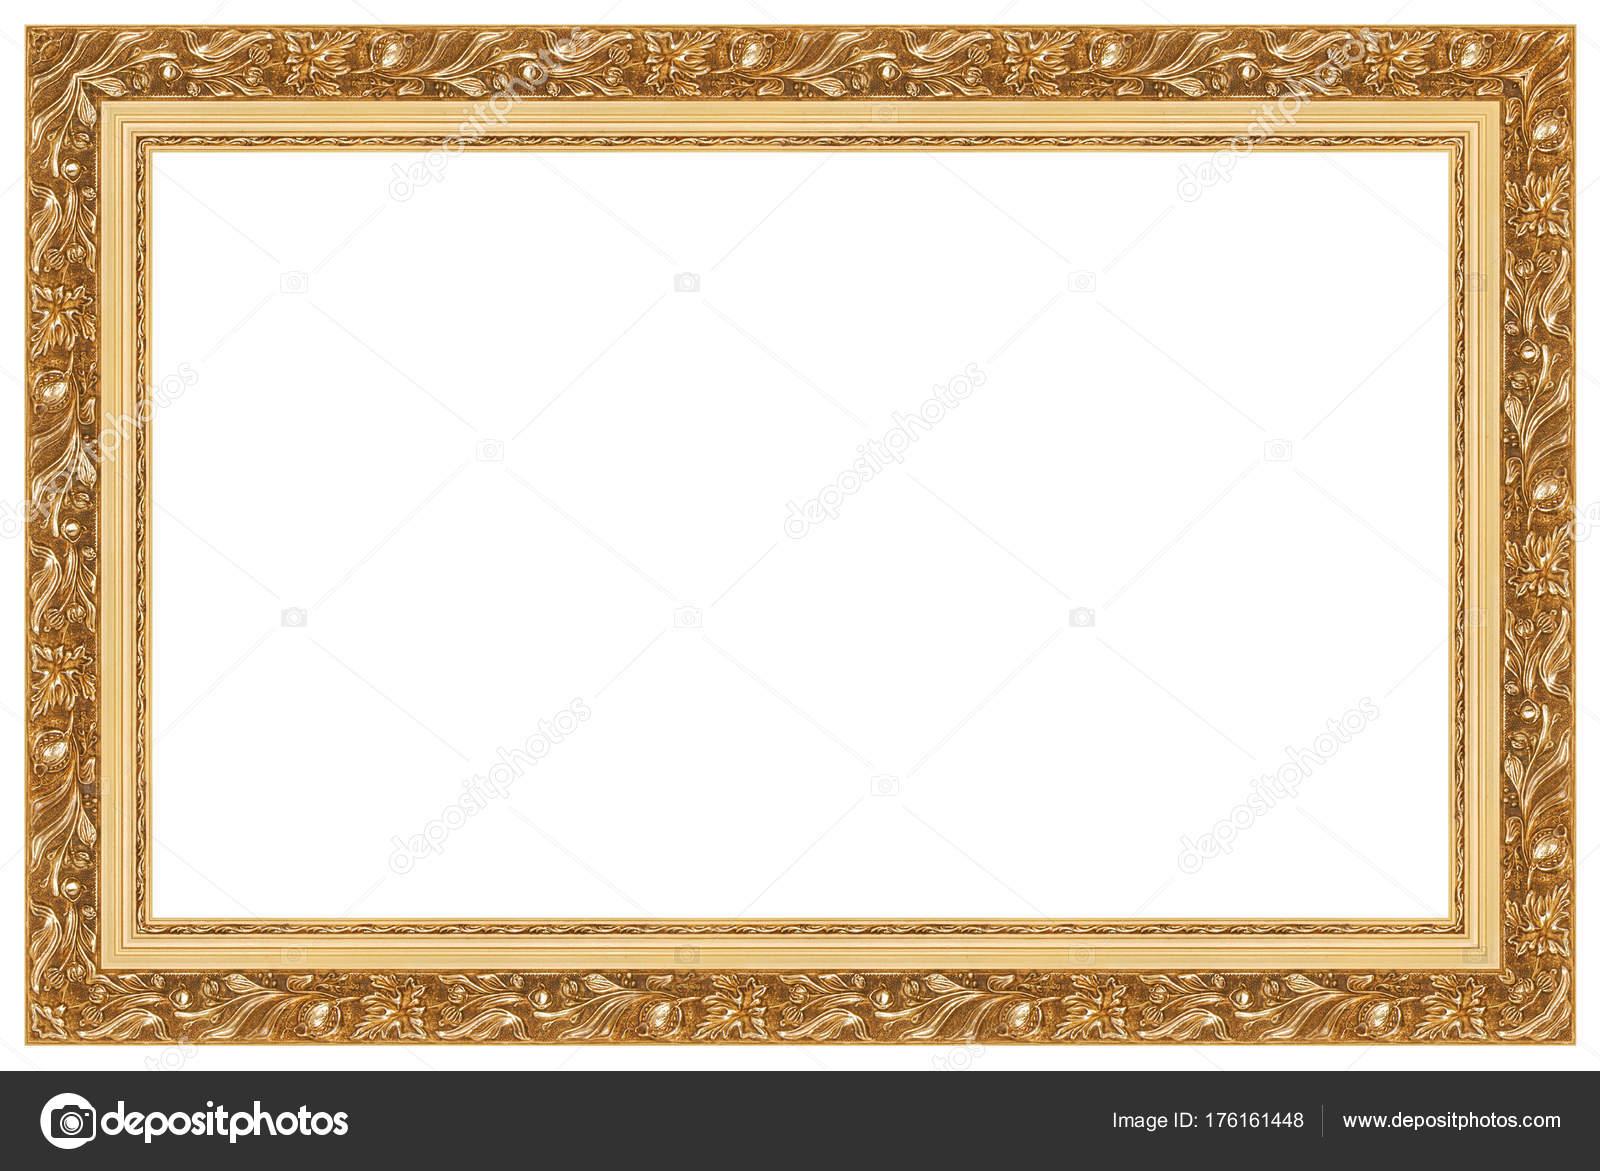 Leere Goldene Bilderrahmen — Stockfoto © Romaset #176161448